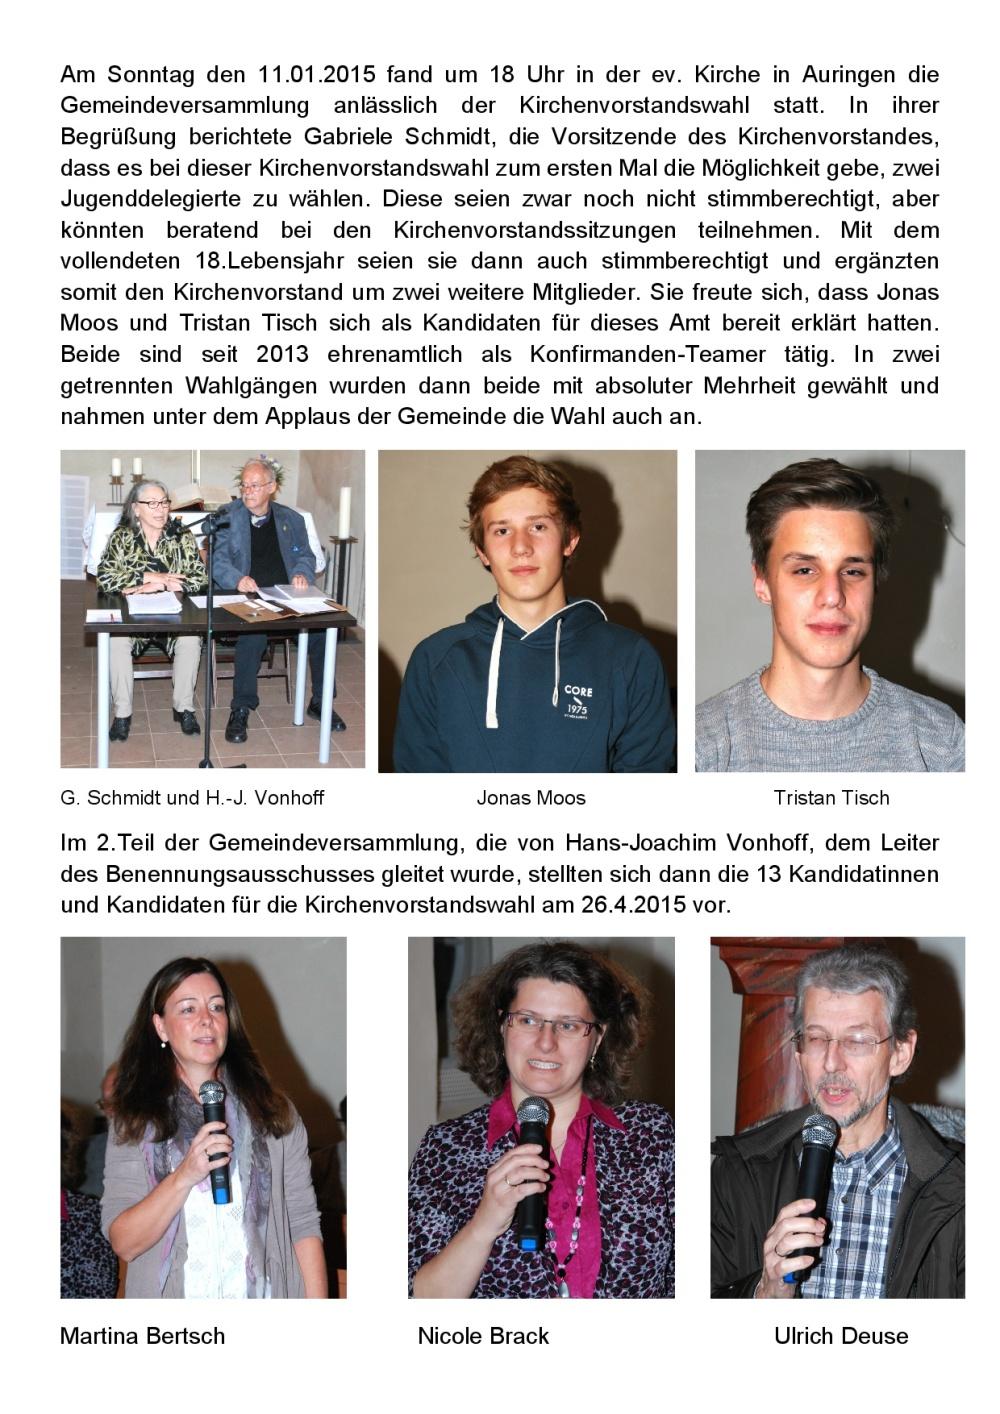 2015-01-11 Gemeindeversammlung-001